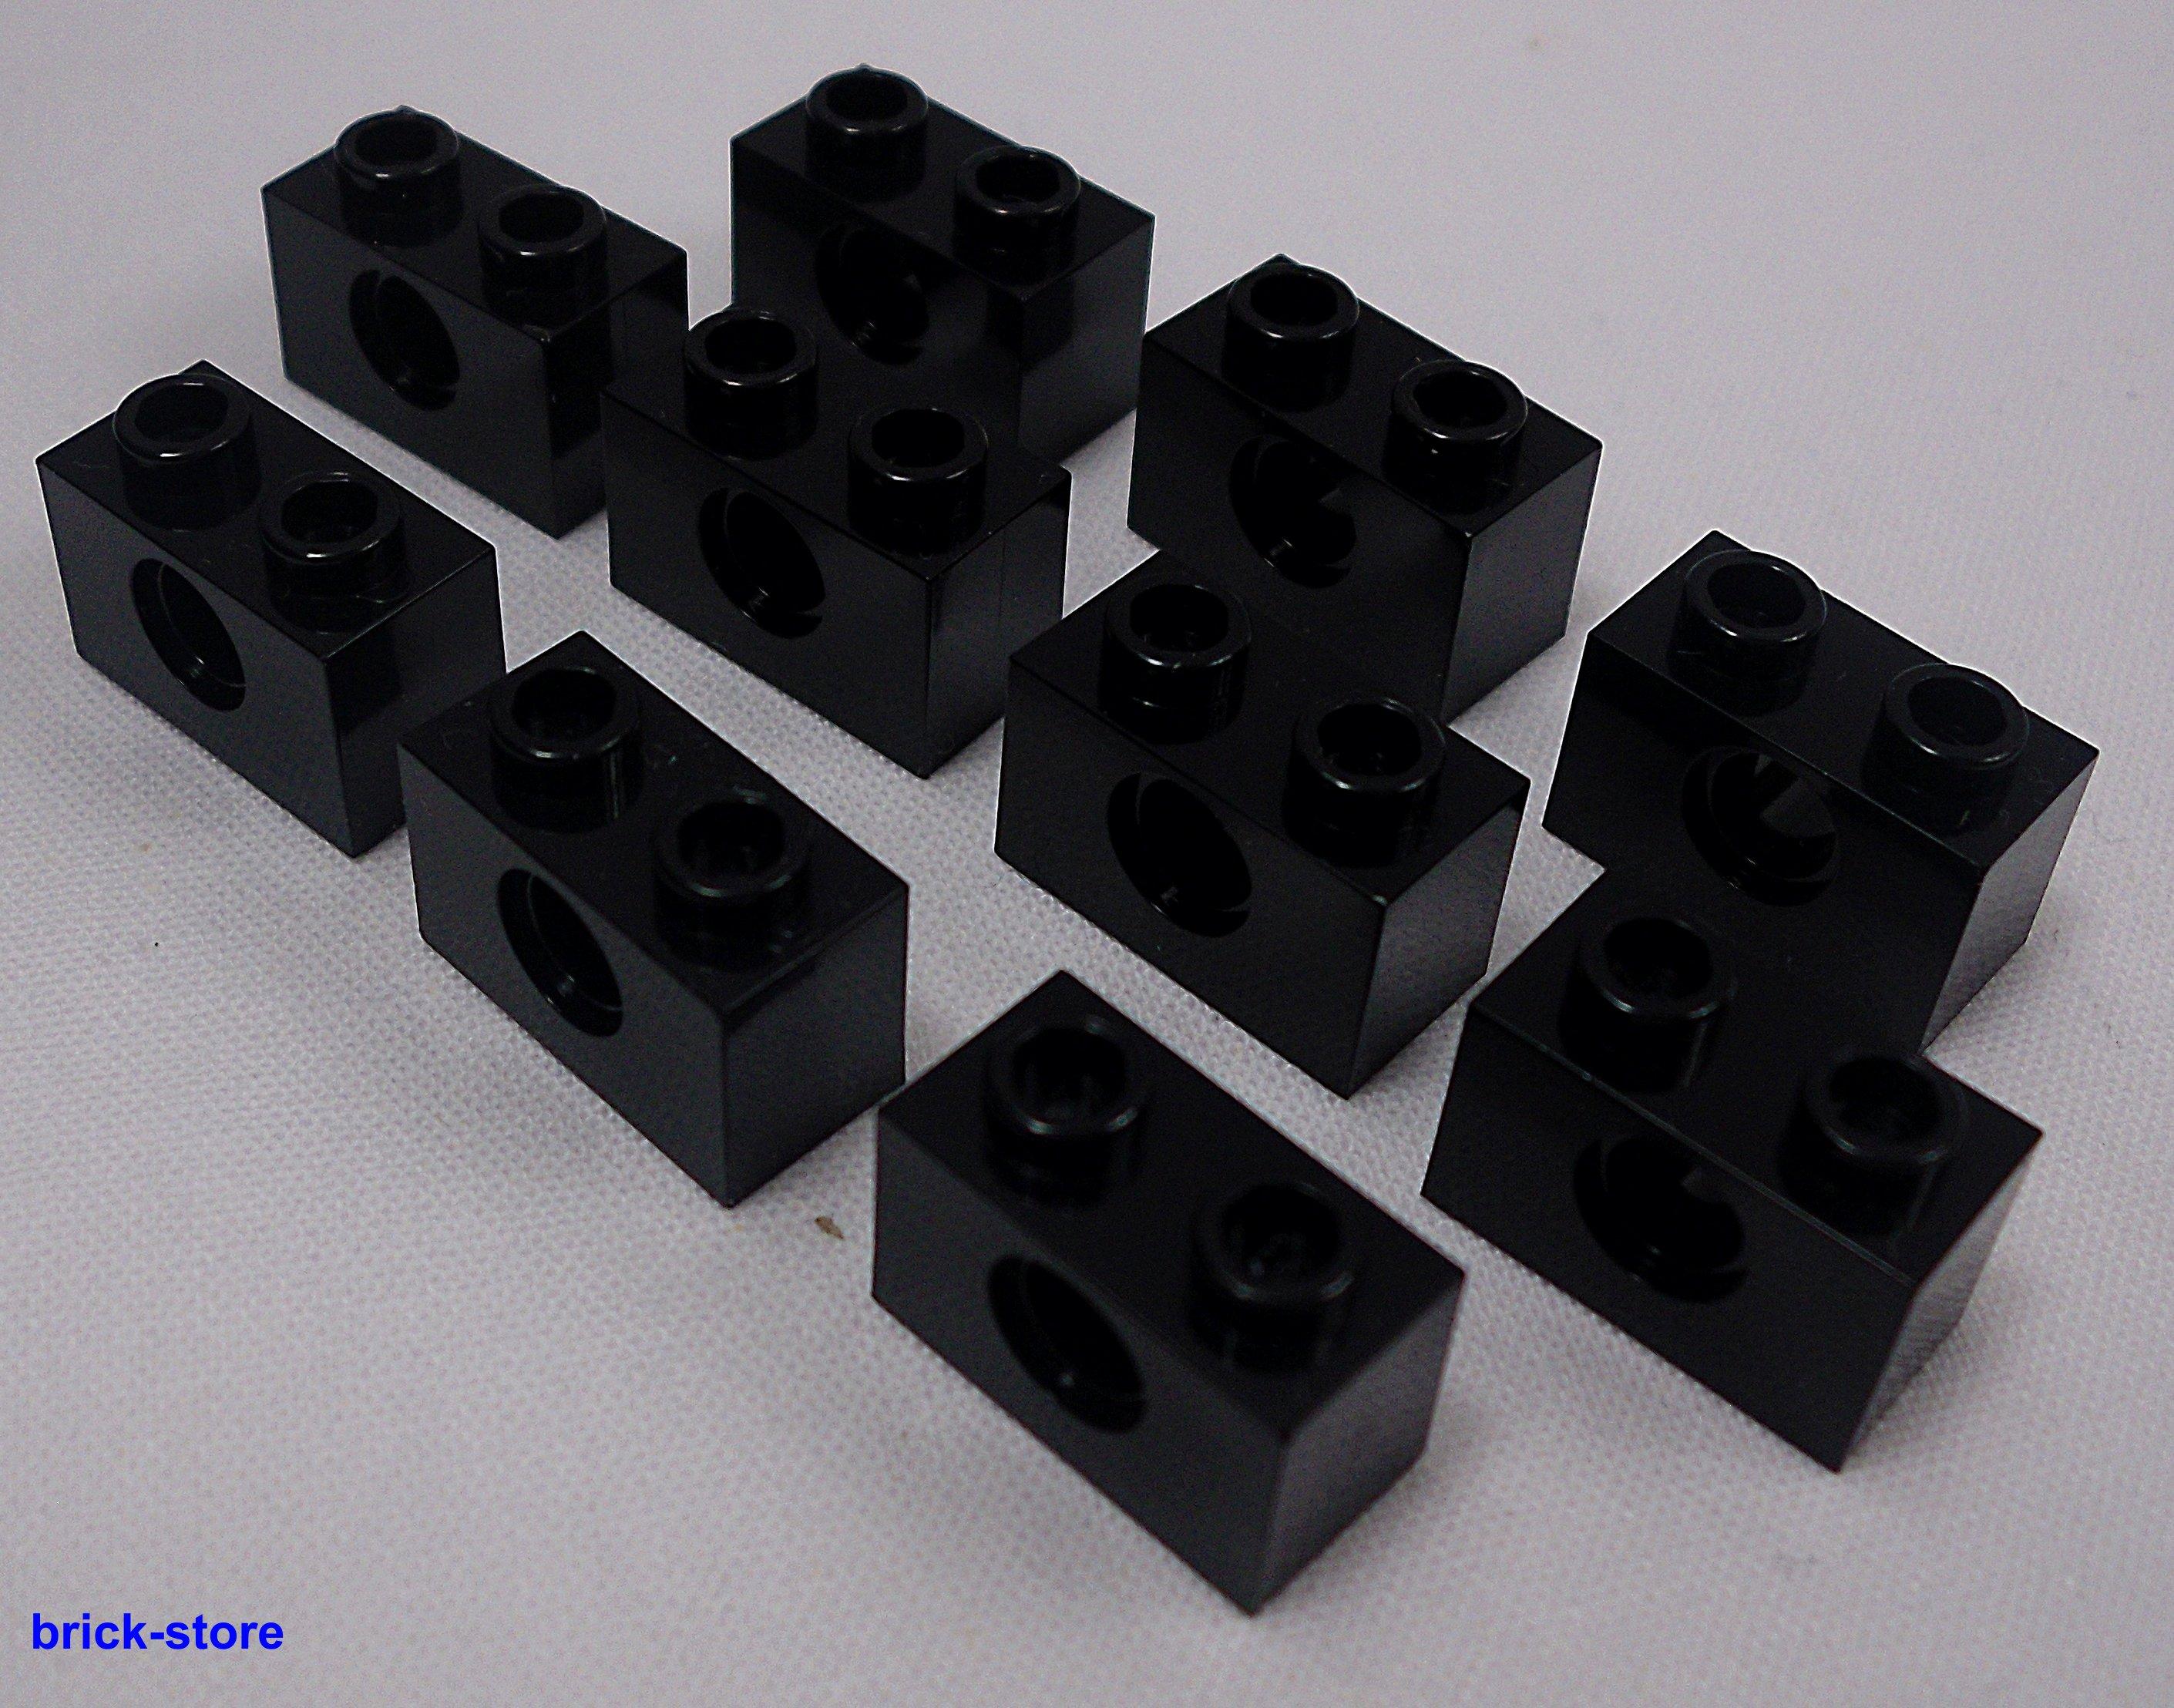 32 # Lego Stein Flügel 4x4 schwarz negativ 6 Stück 4855